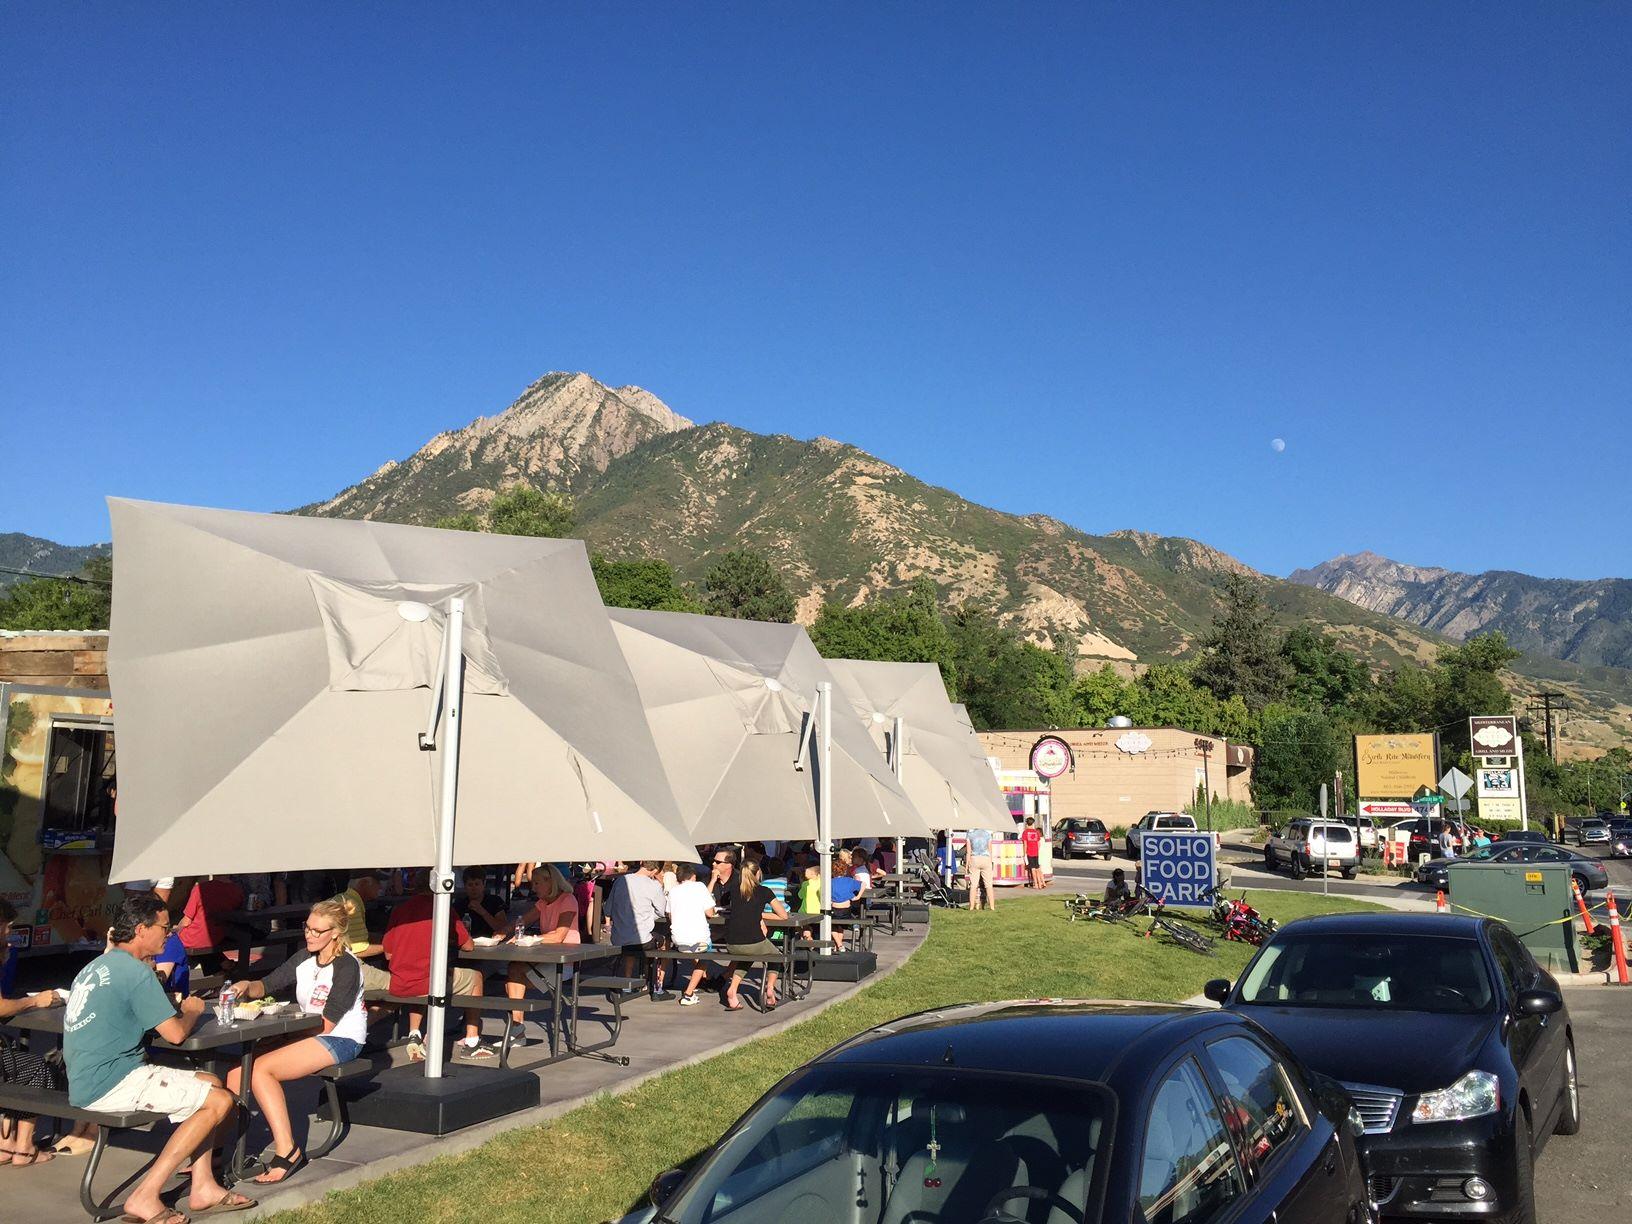 Soho Food Truck Park Utah